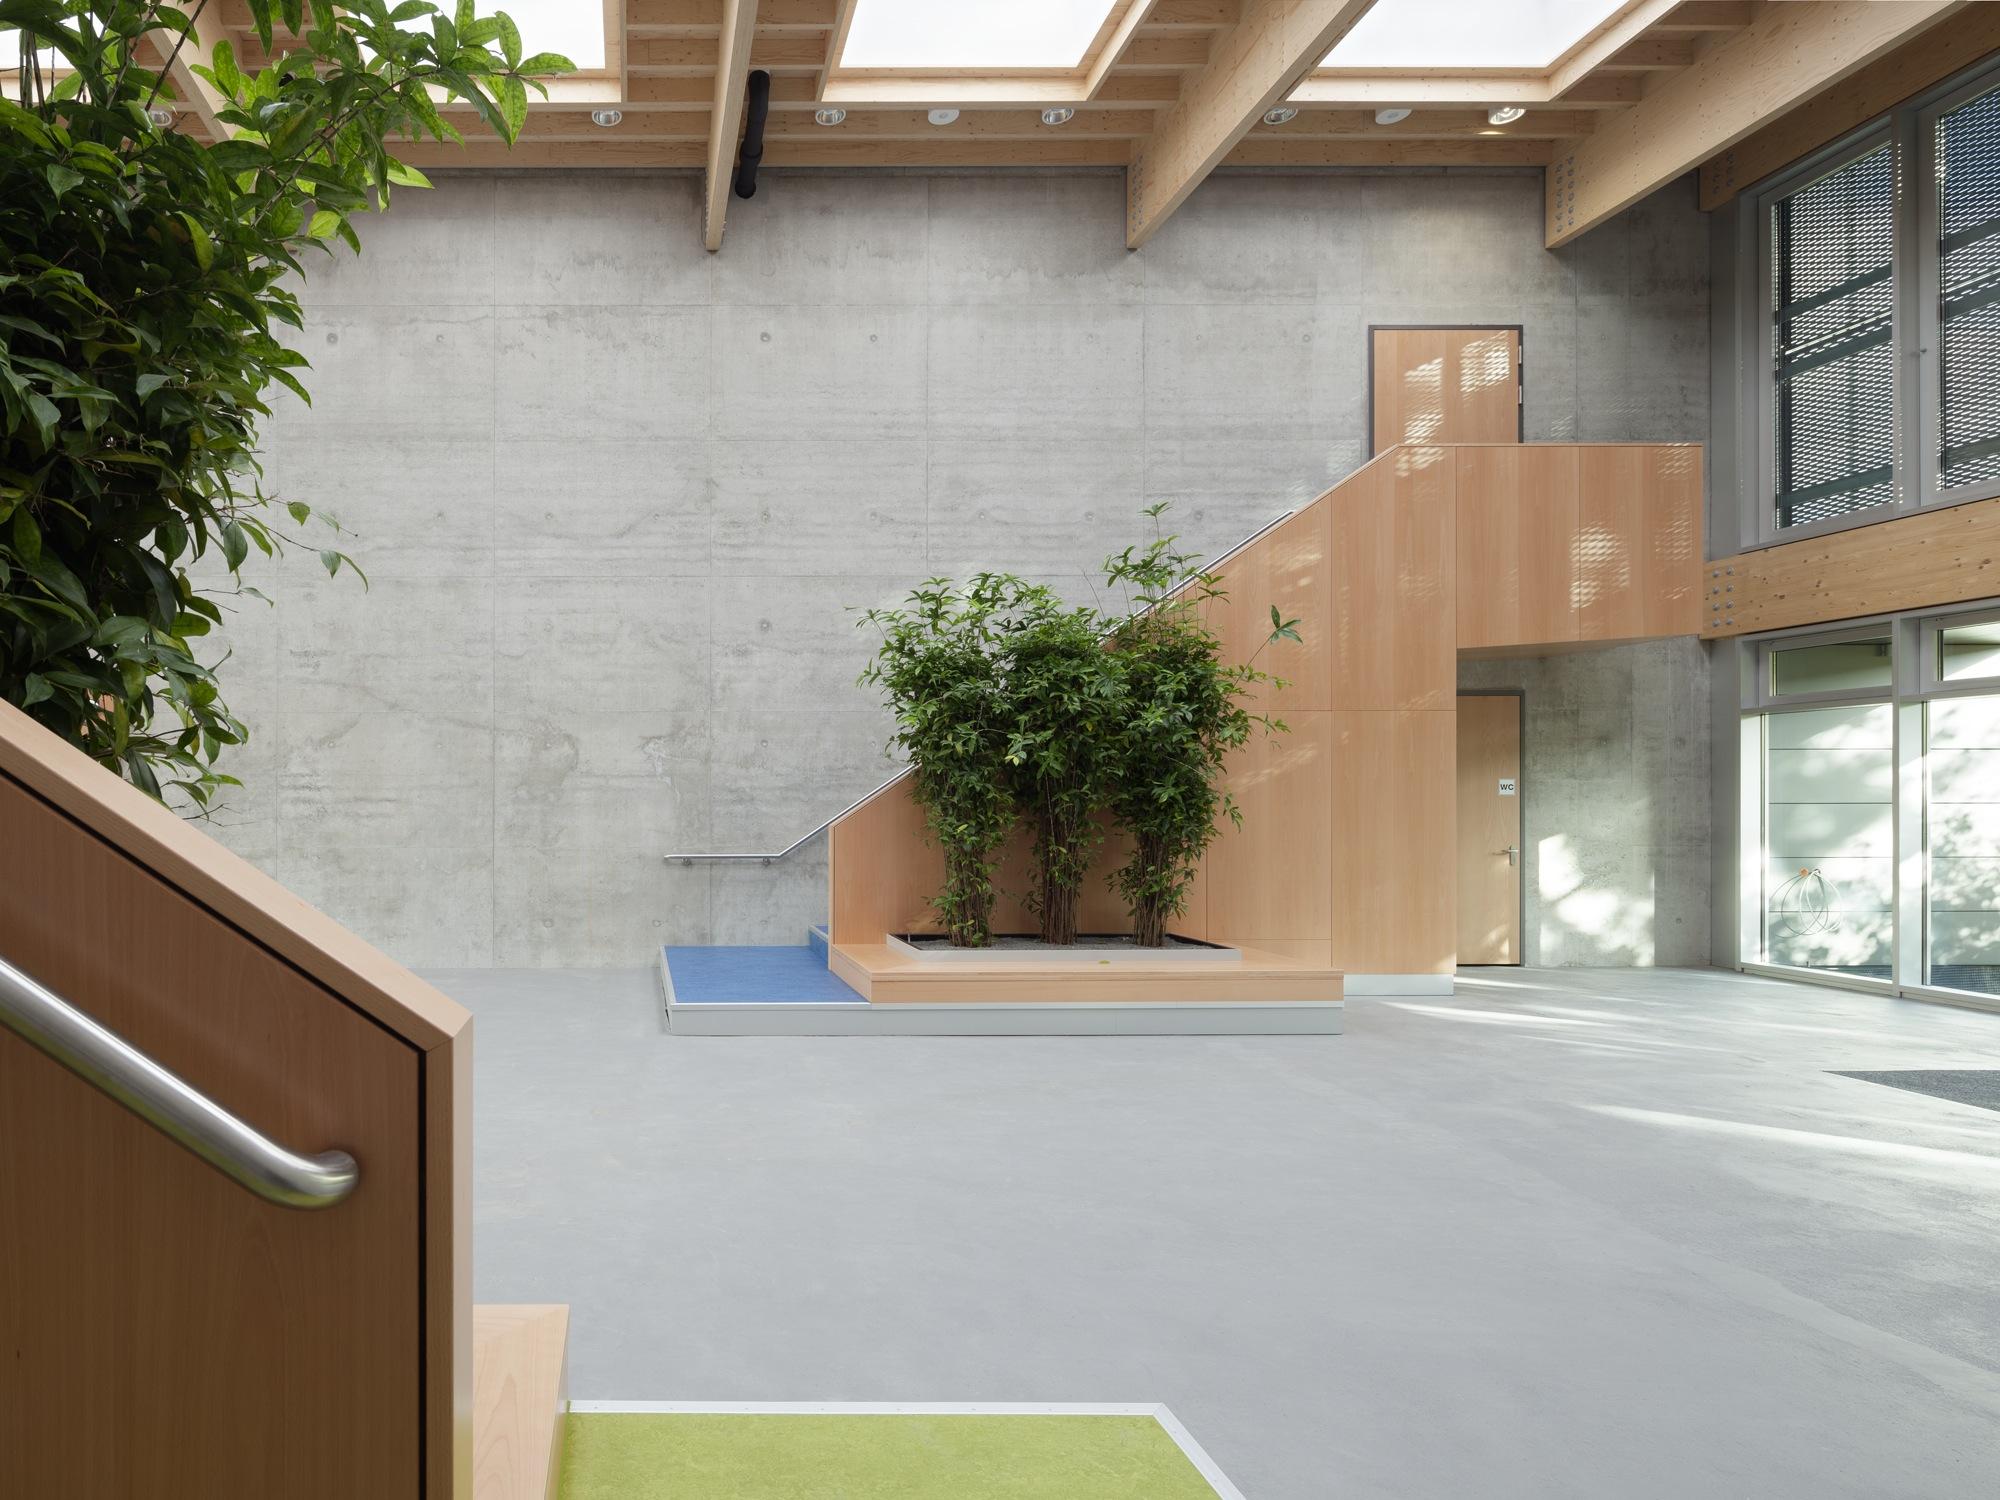 h rsaalgeb ude darmstadt egger kolb architekten. Black Bedroom Furniture Sets. Home Design Ideas